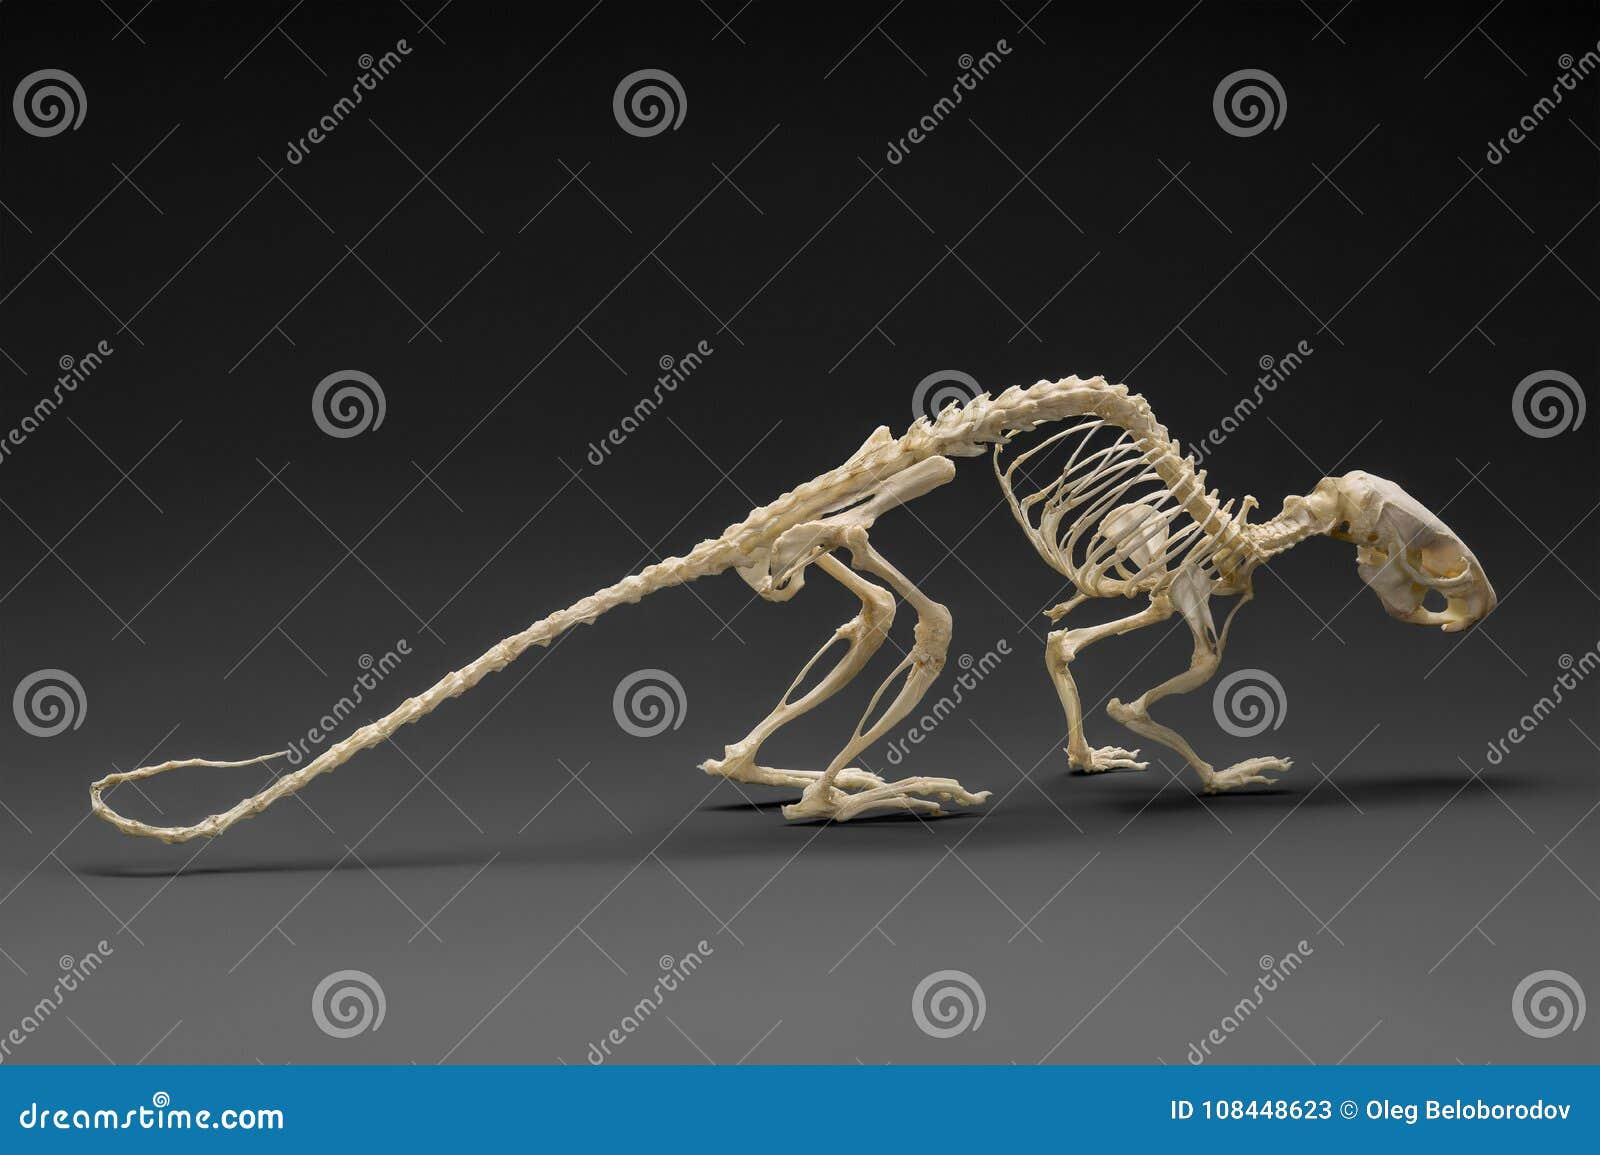 Roedores Esqueleto Del Ratón De La Rata Imagen de archivo - Imagen ...